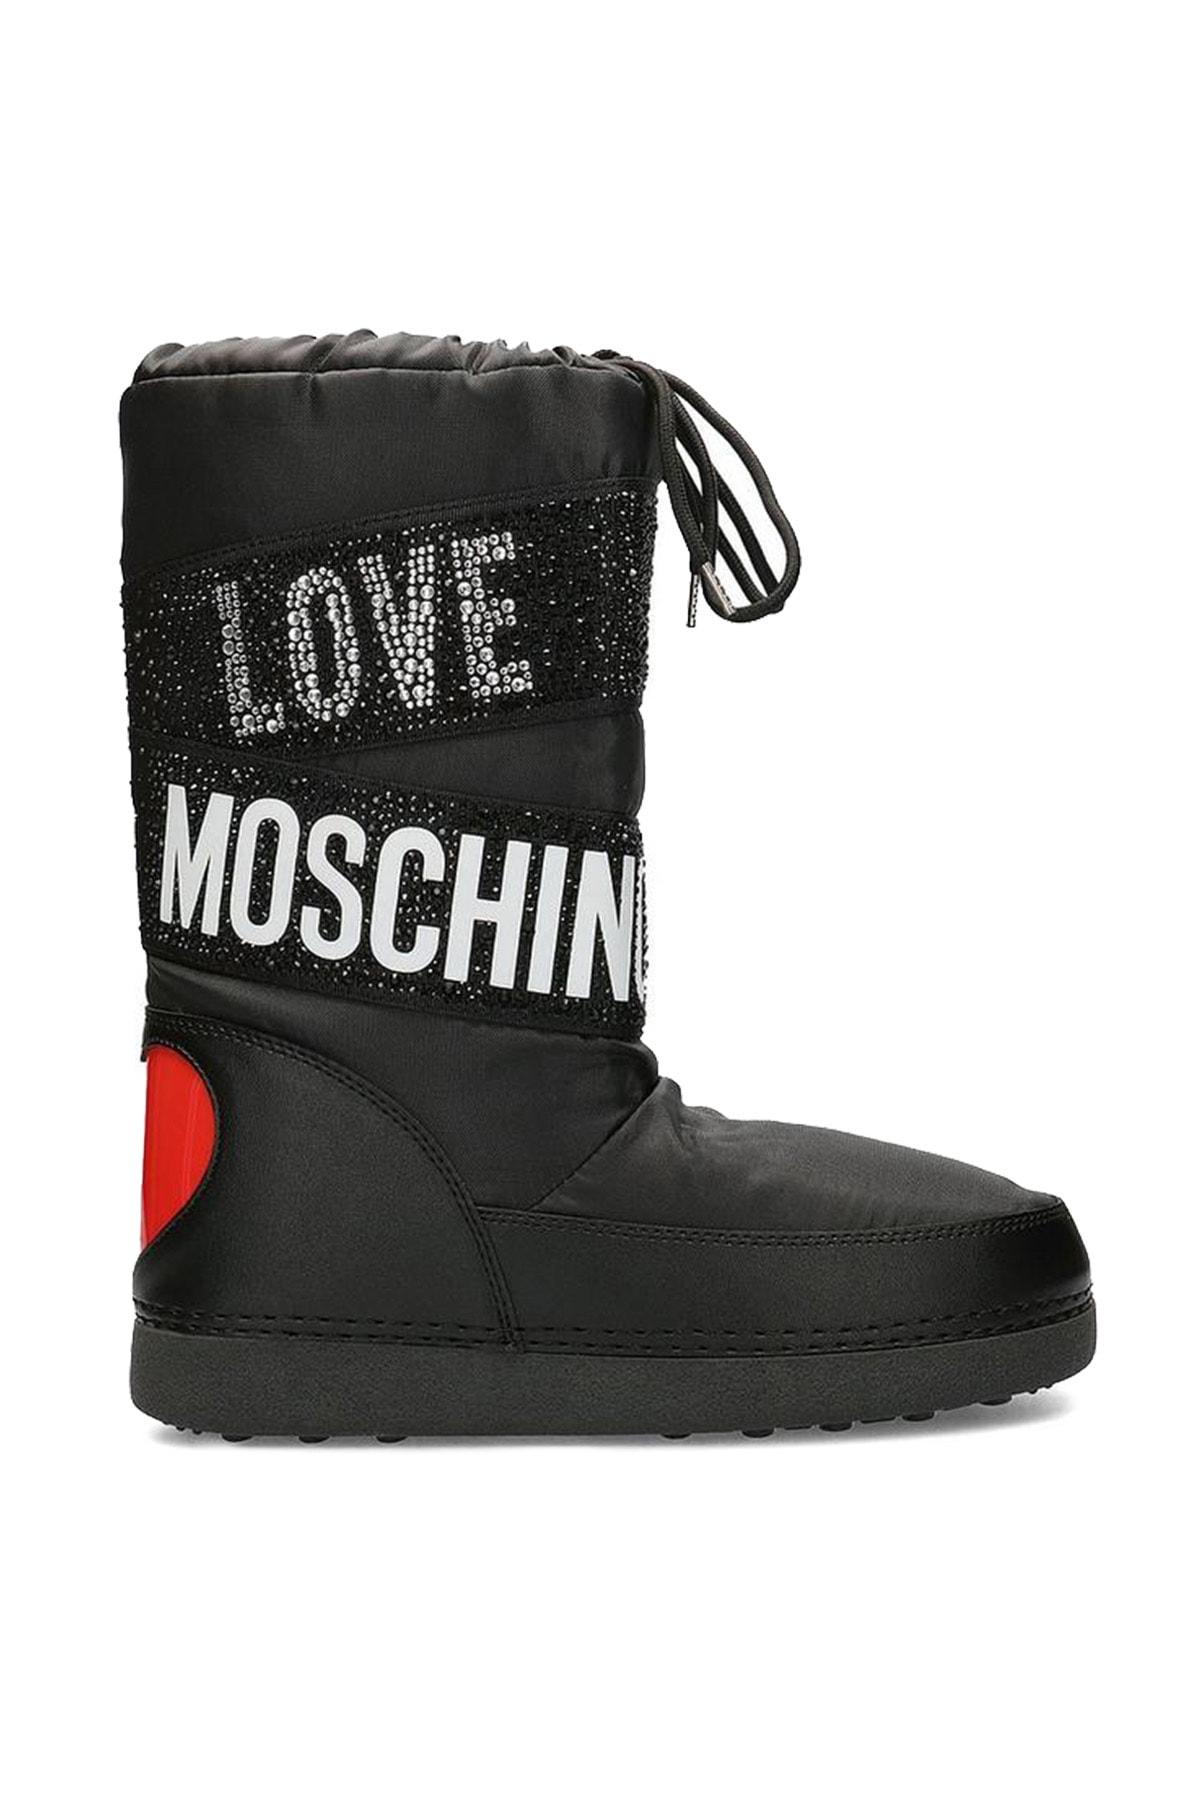 Love Moschino Kadın Bot Ja24042g0bıu100a 1